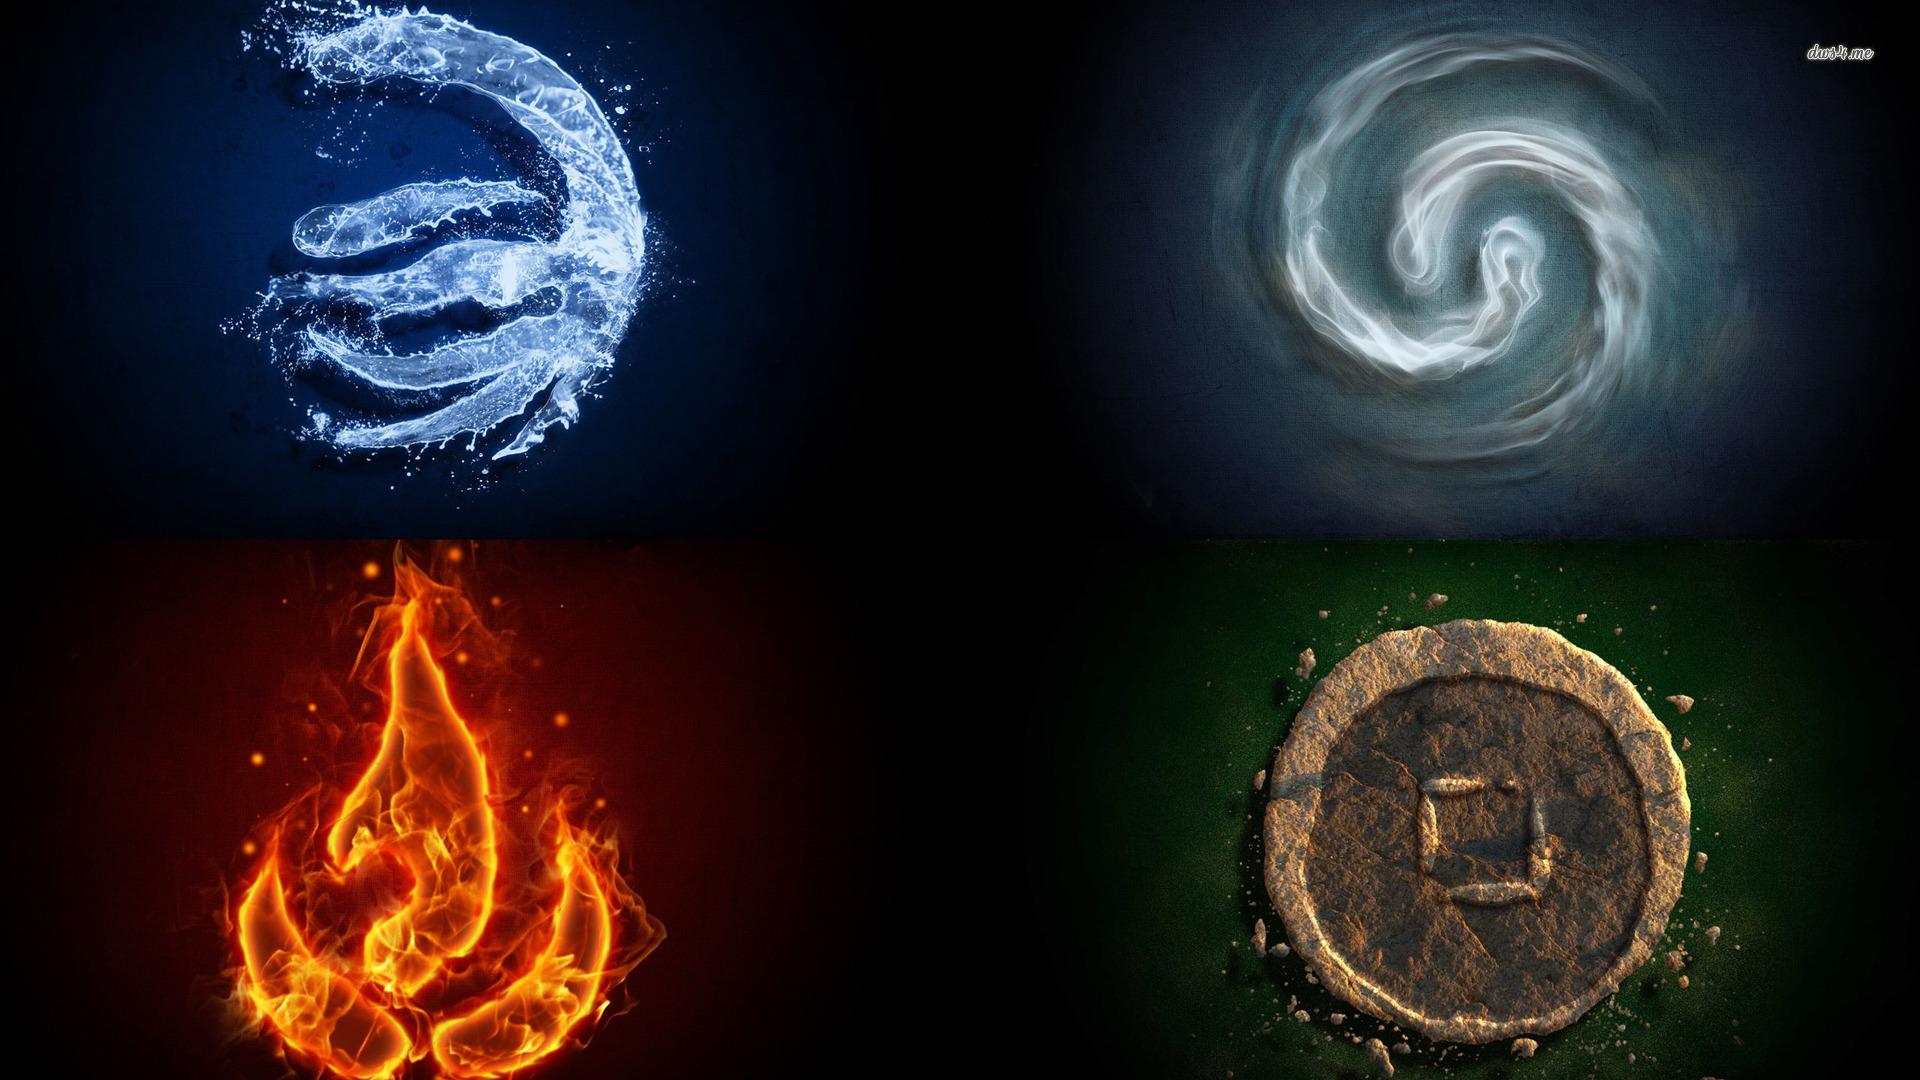 The Four Elements Wallpaper | Desktop Image